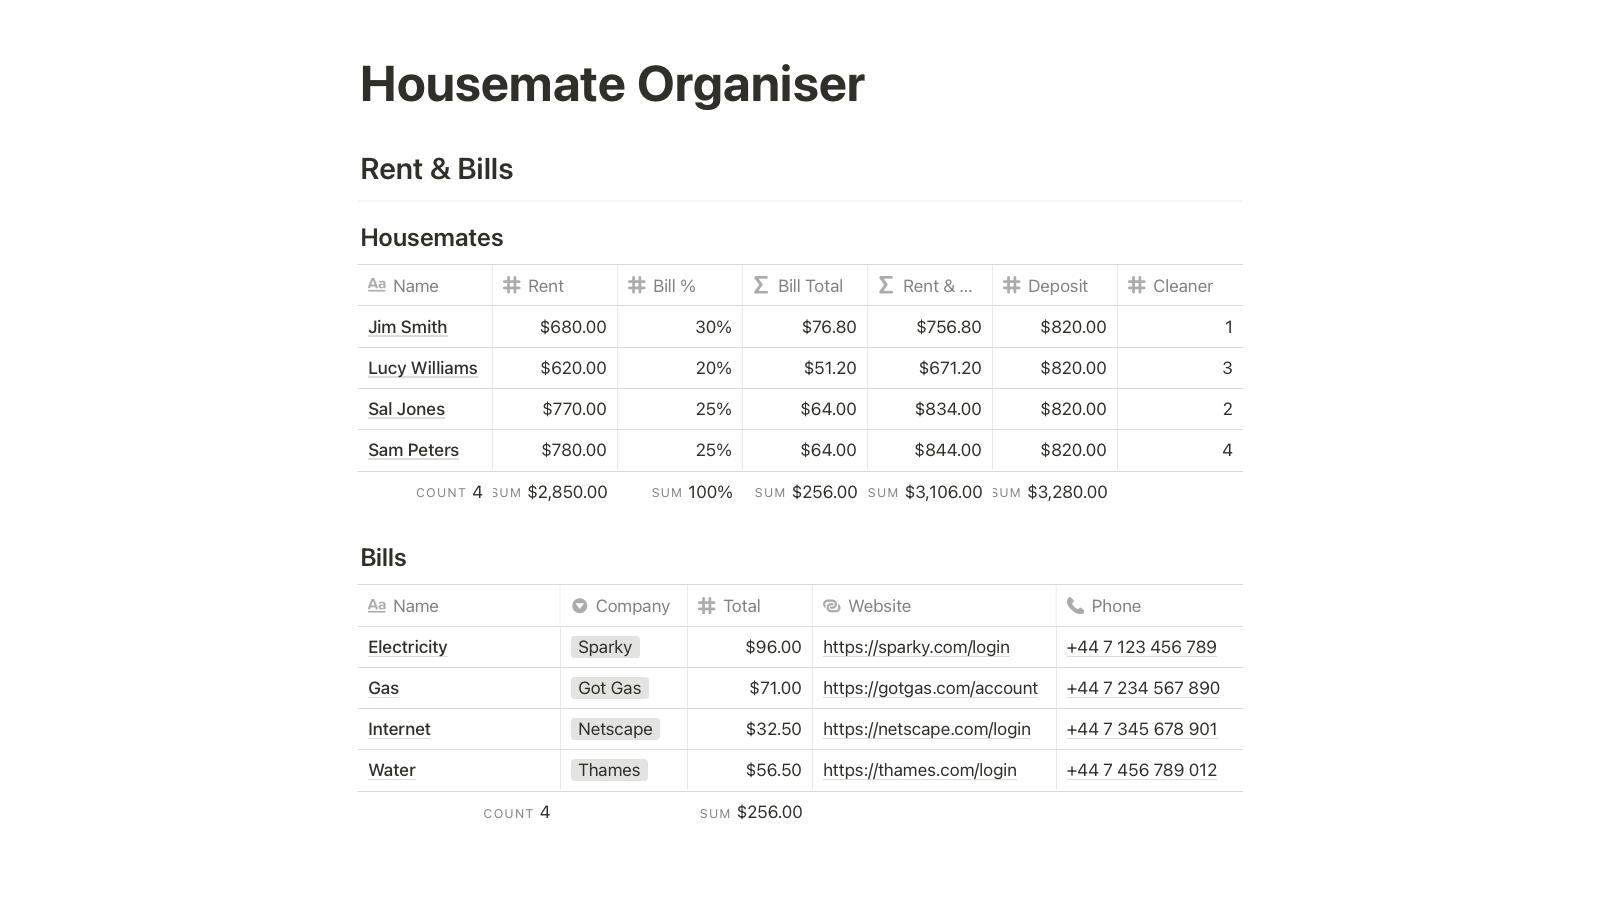 Housemate Organiser